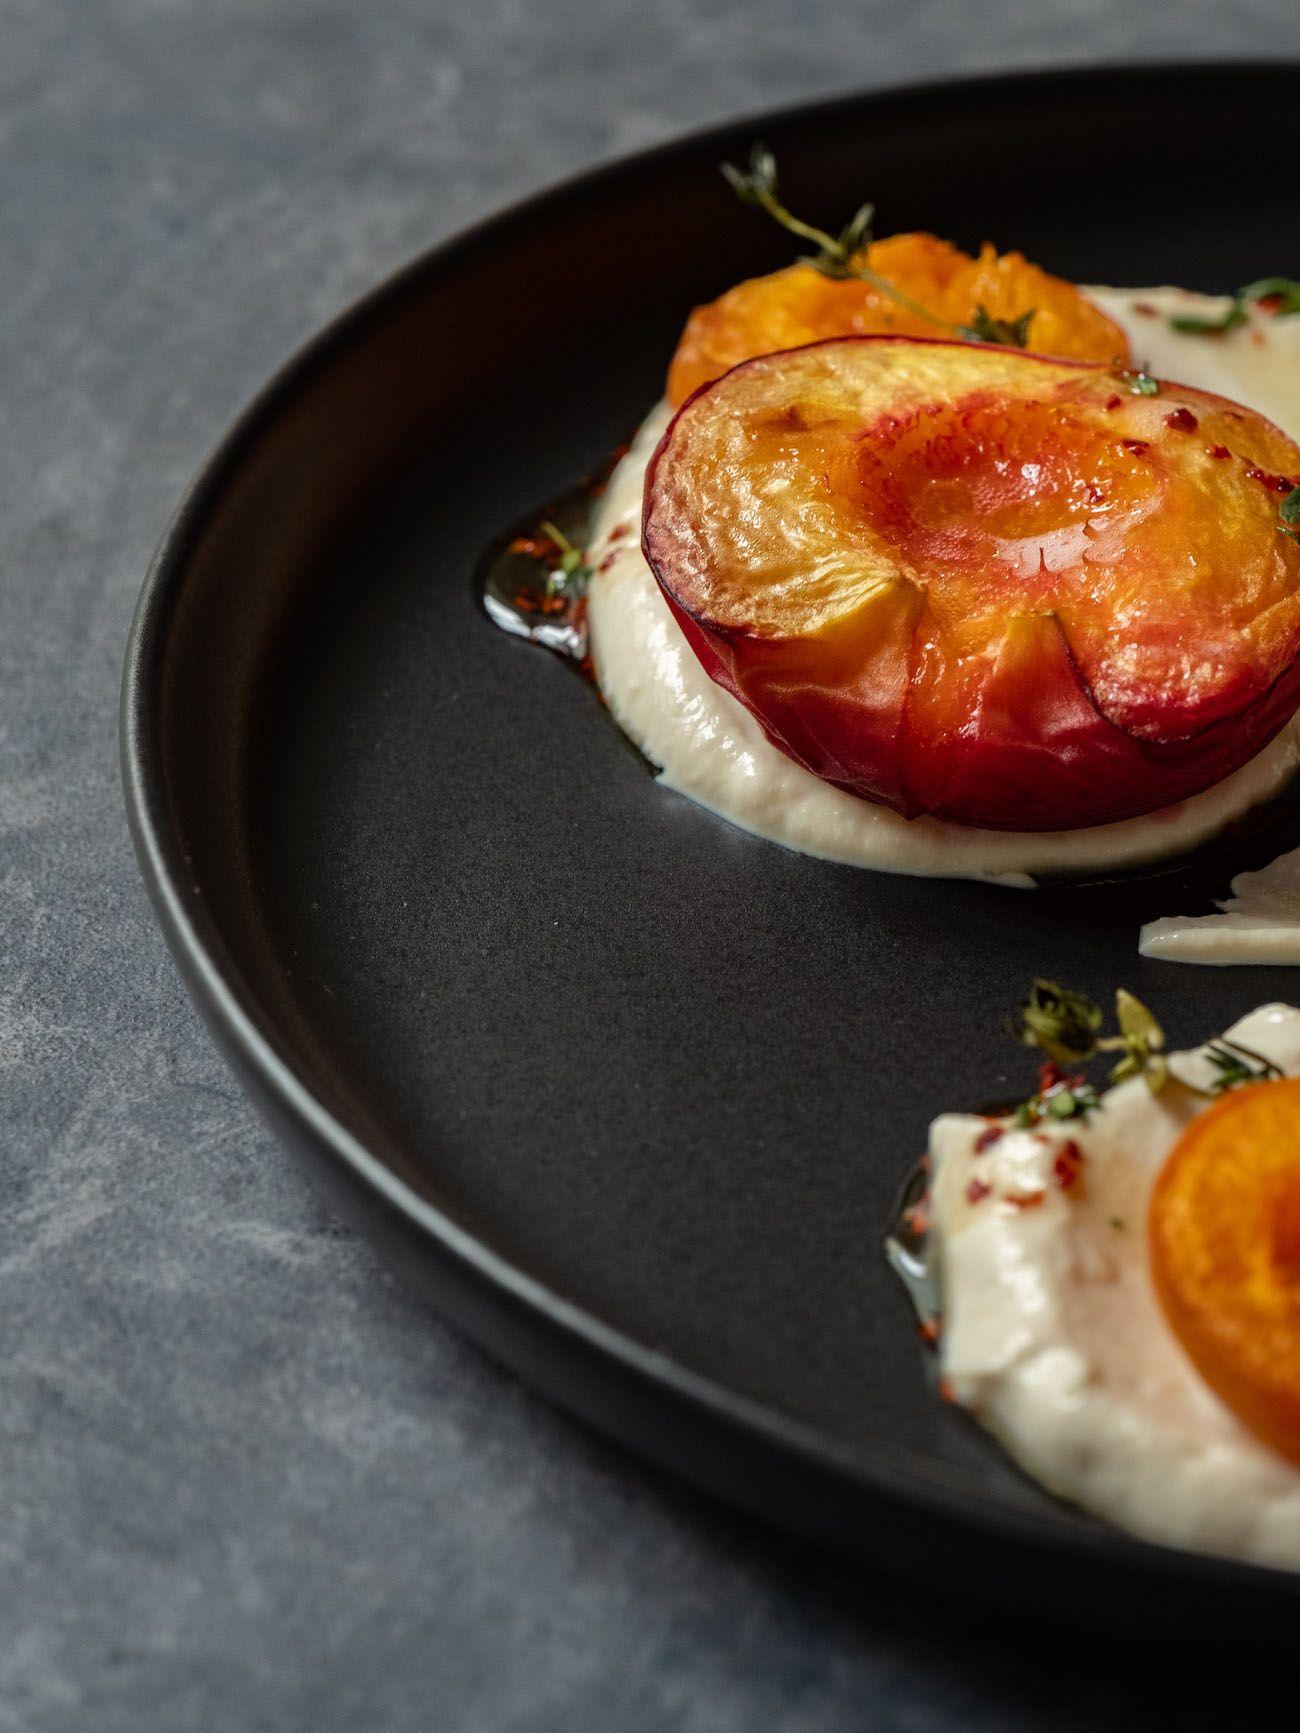 About Fuel, Foodblog, Rezept, Gebackene Pfirsiche und Aprikosen, Ricotta, Ahornsirup, Chili